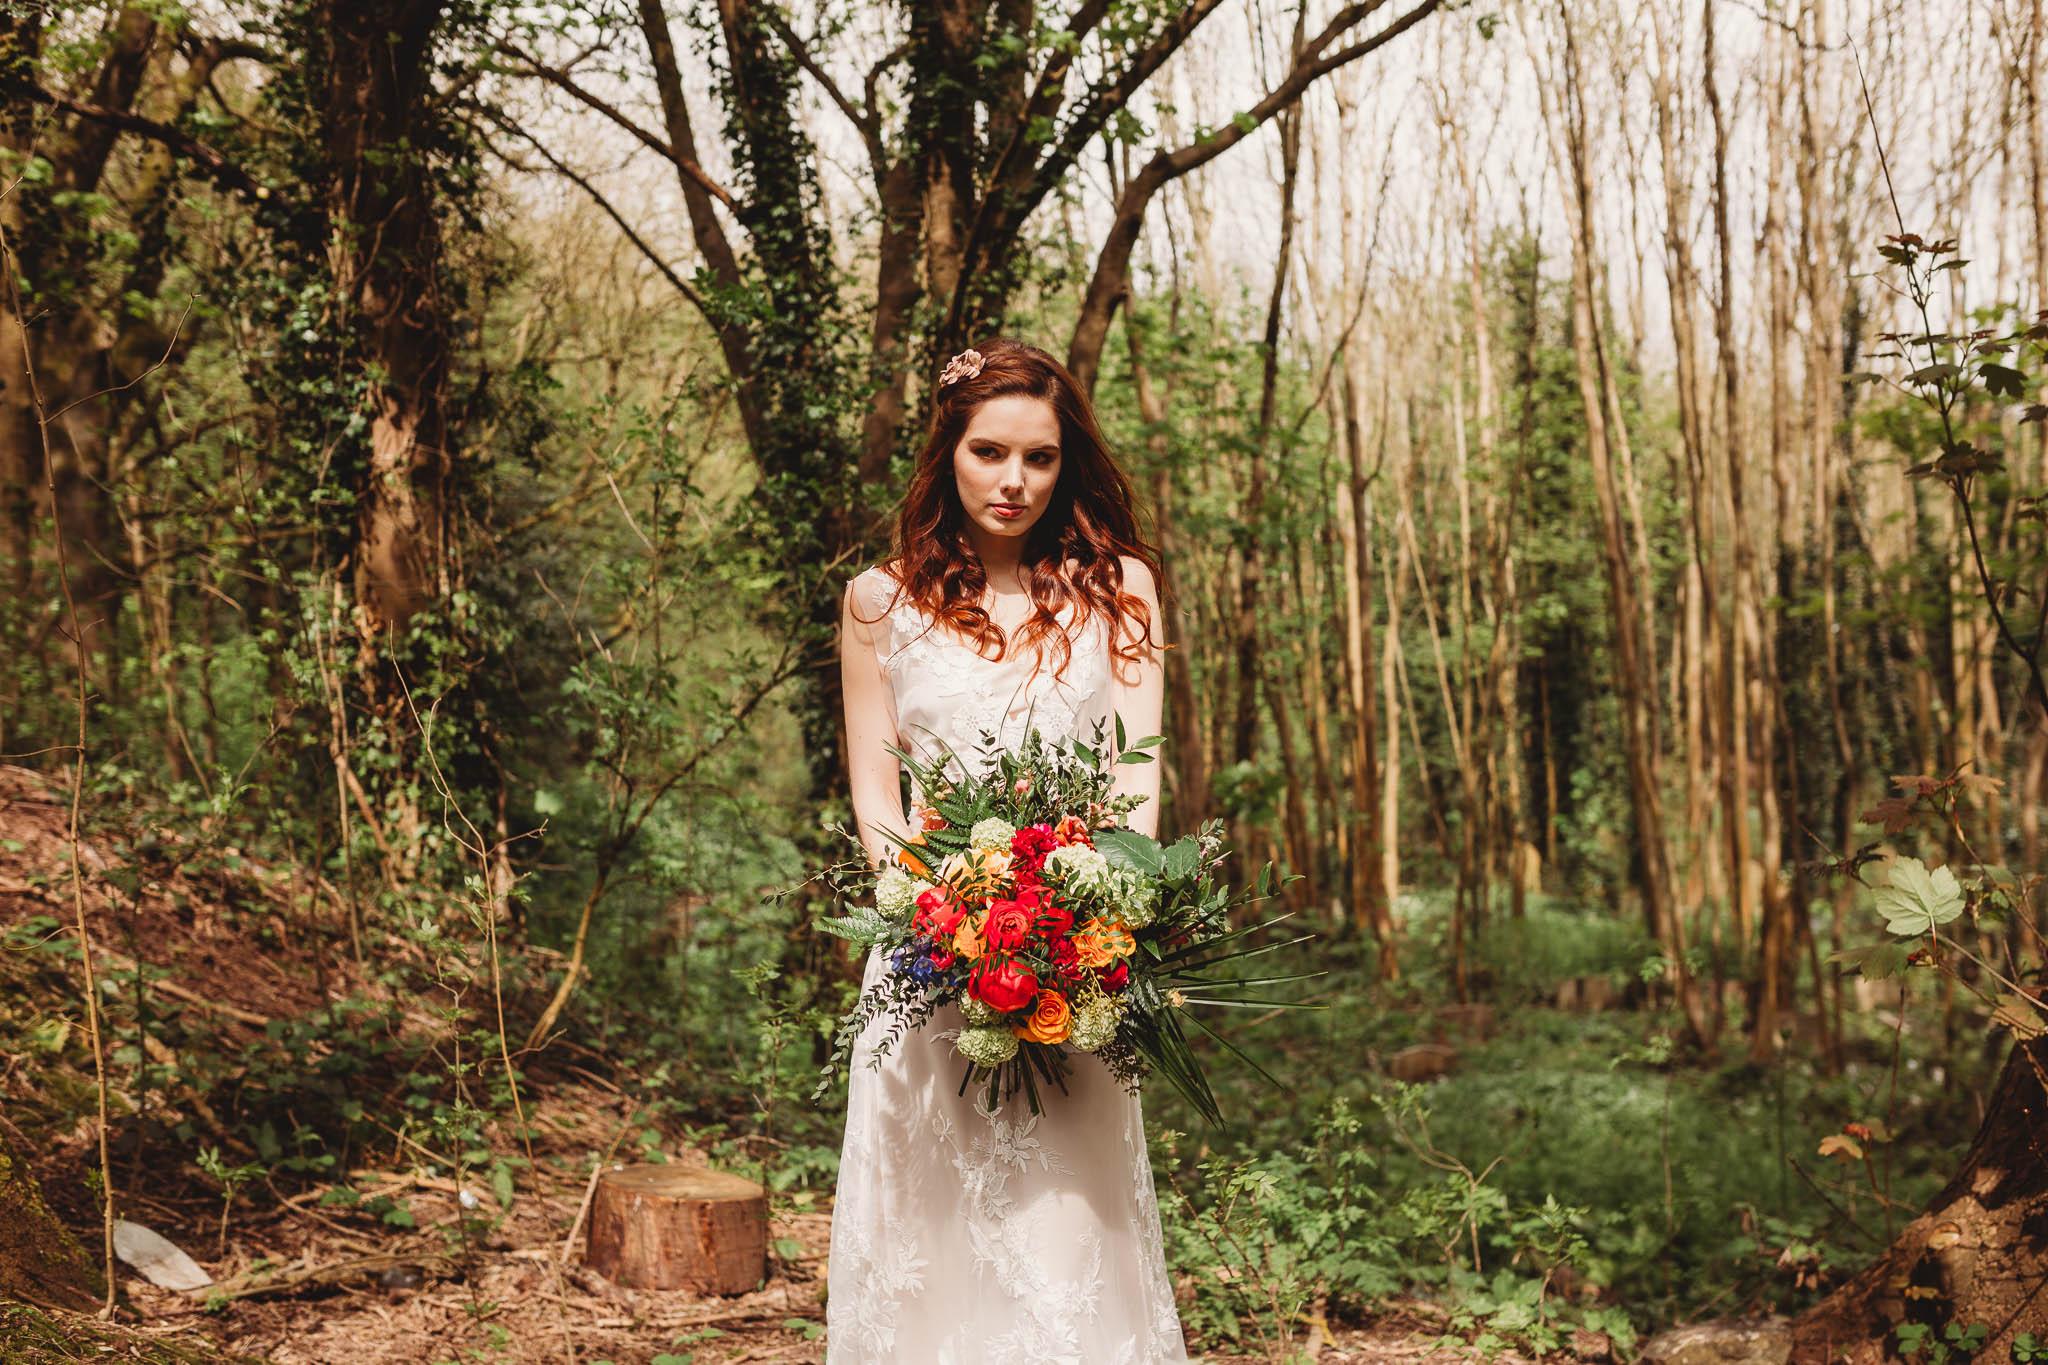 Arnos-Vale_Bridal-Shoot-36.jpg